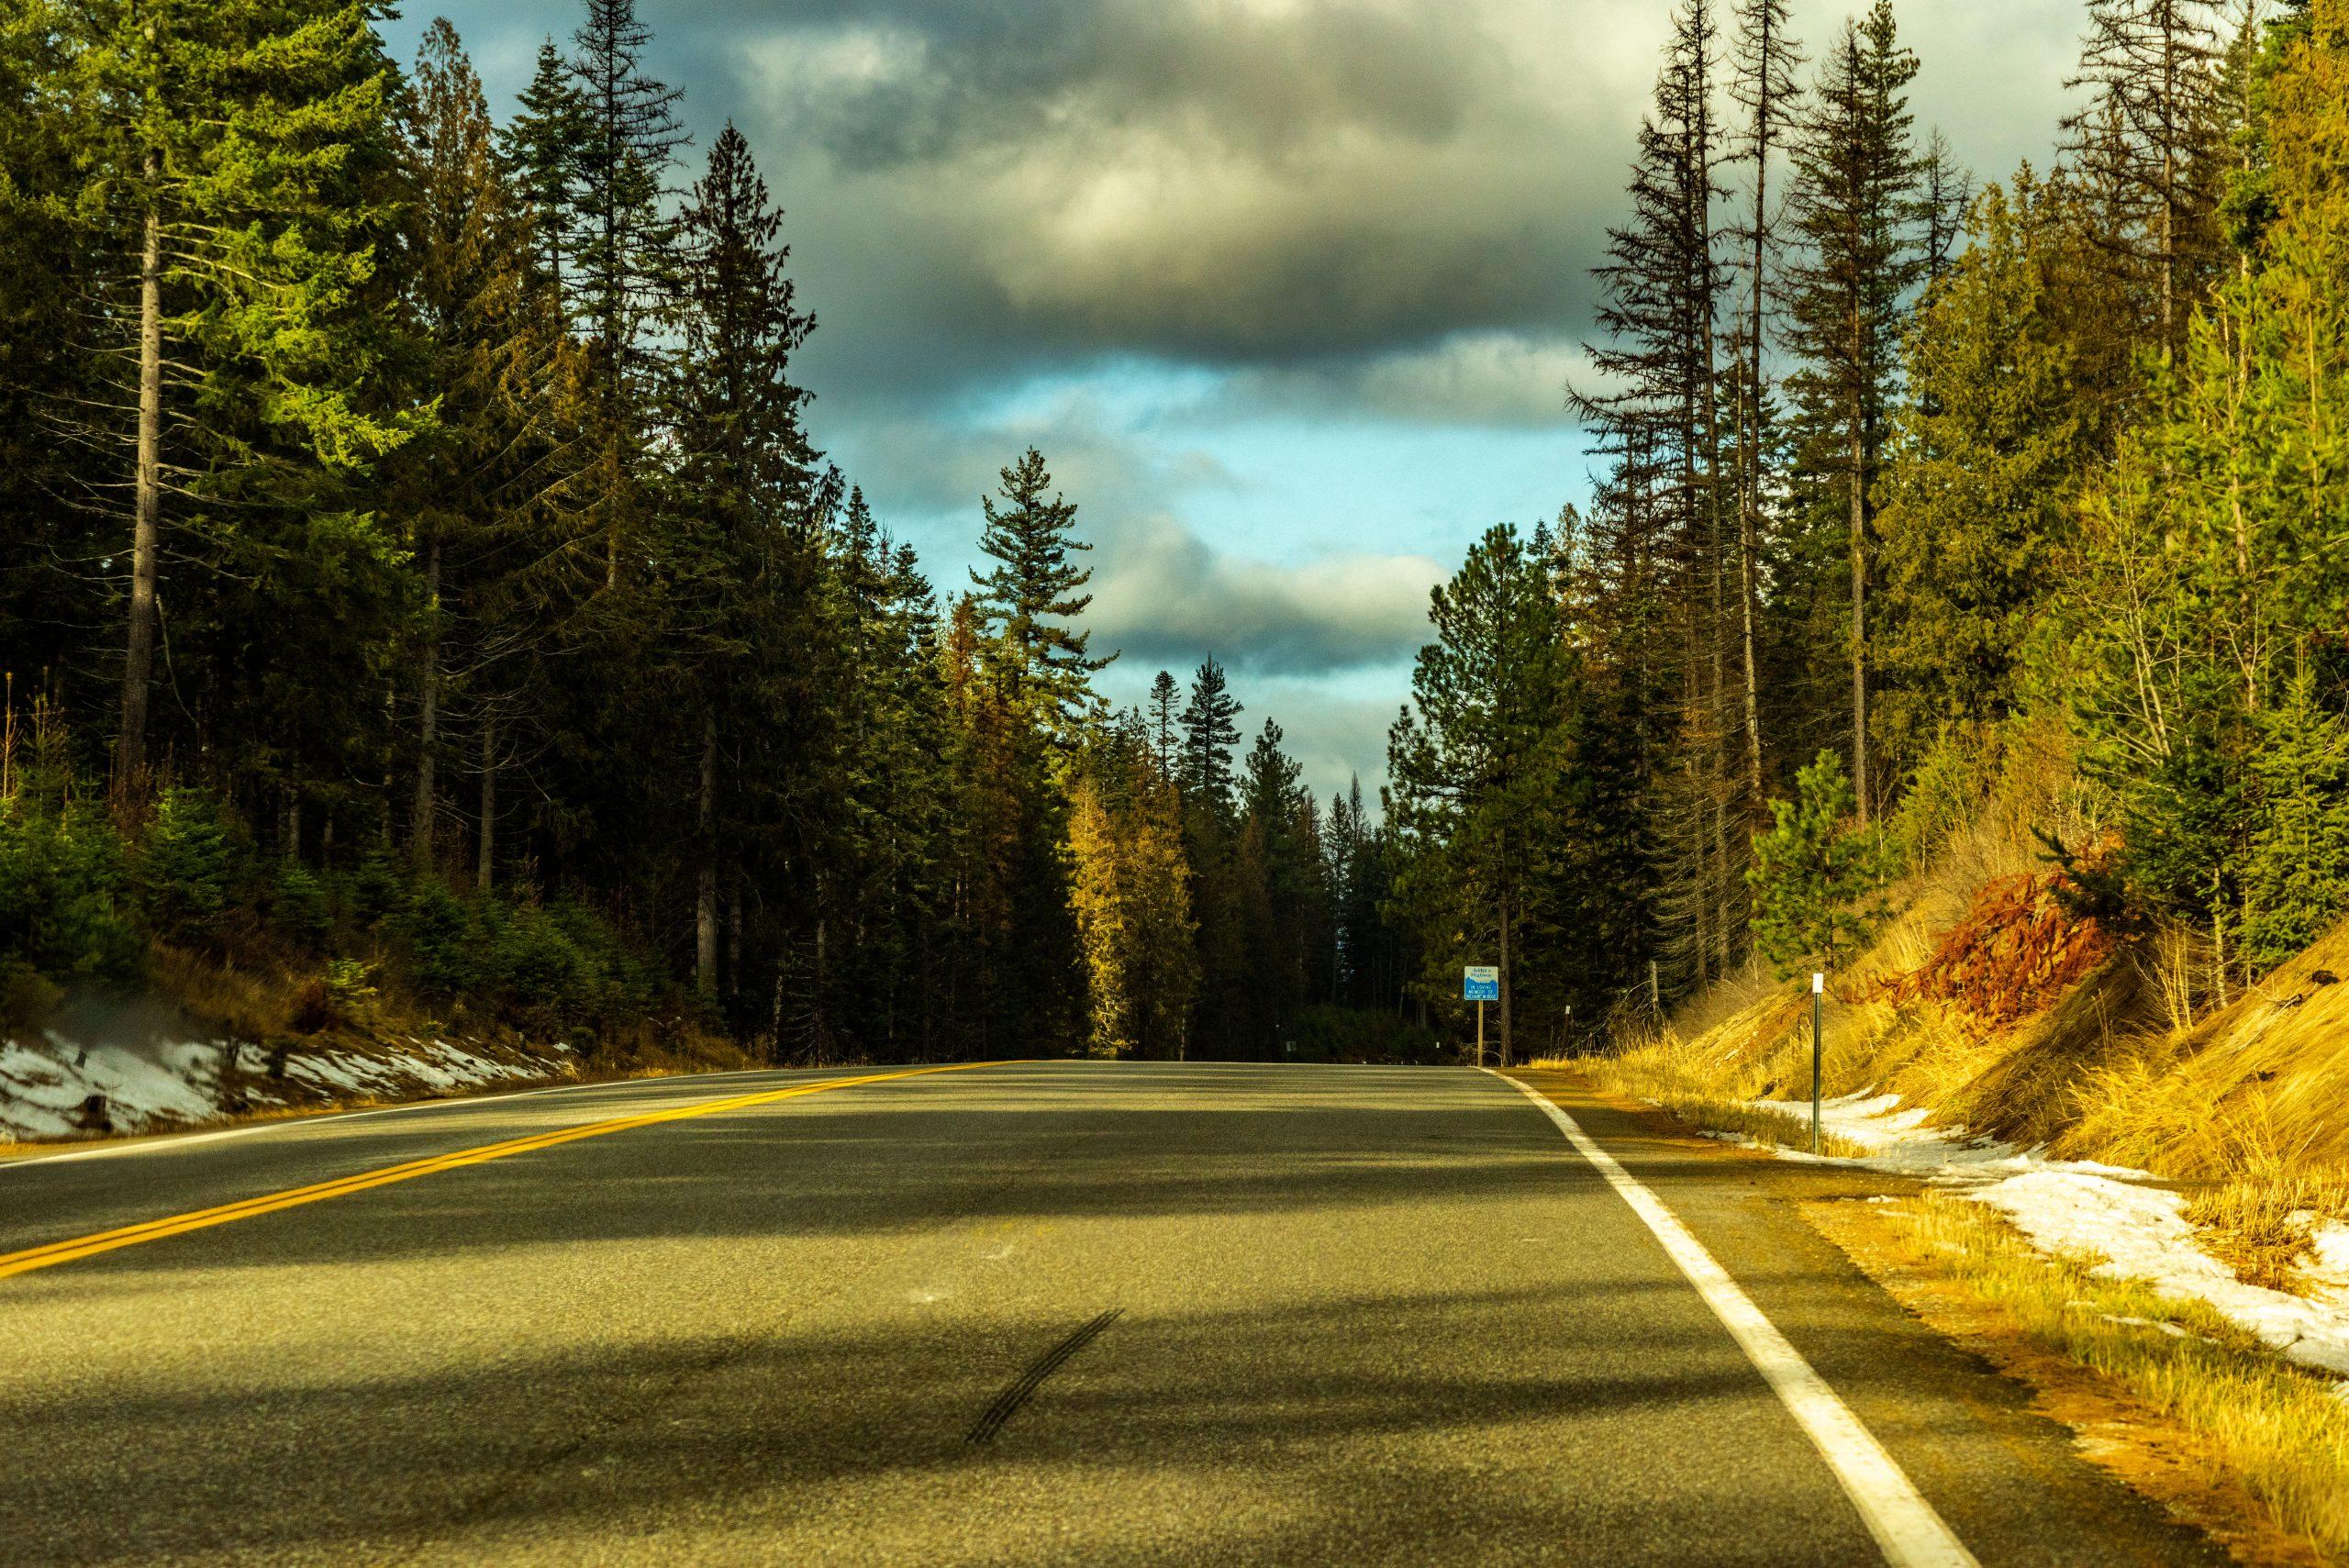 A November Sunday Drive on Idaho Highway 57